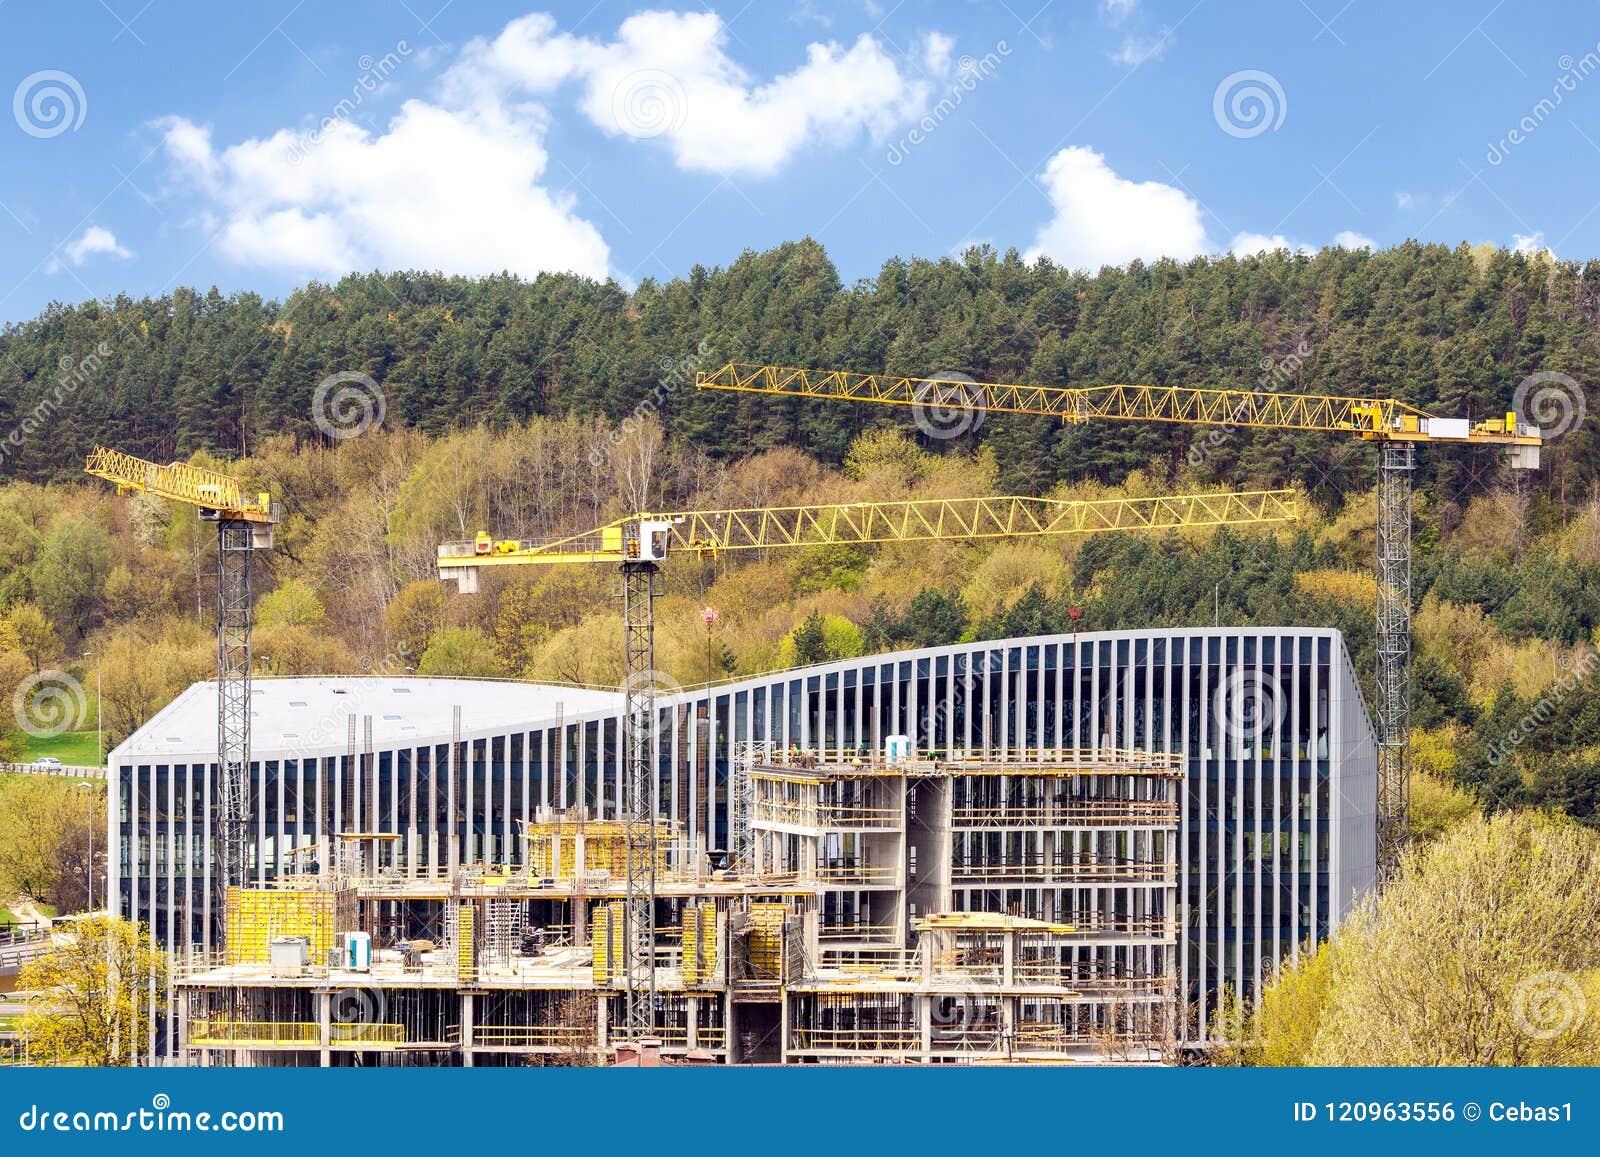 Vue panoramique de chantier de construction industriel avec des grues